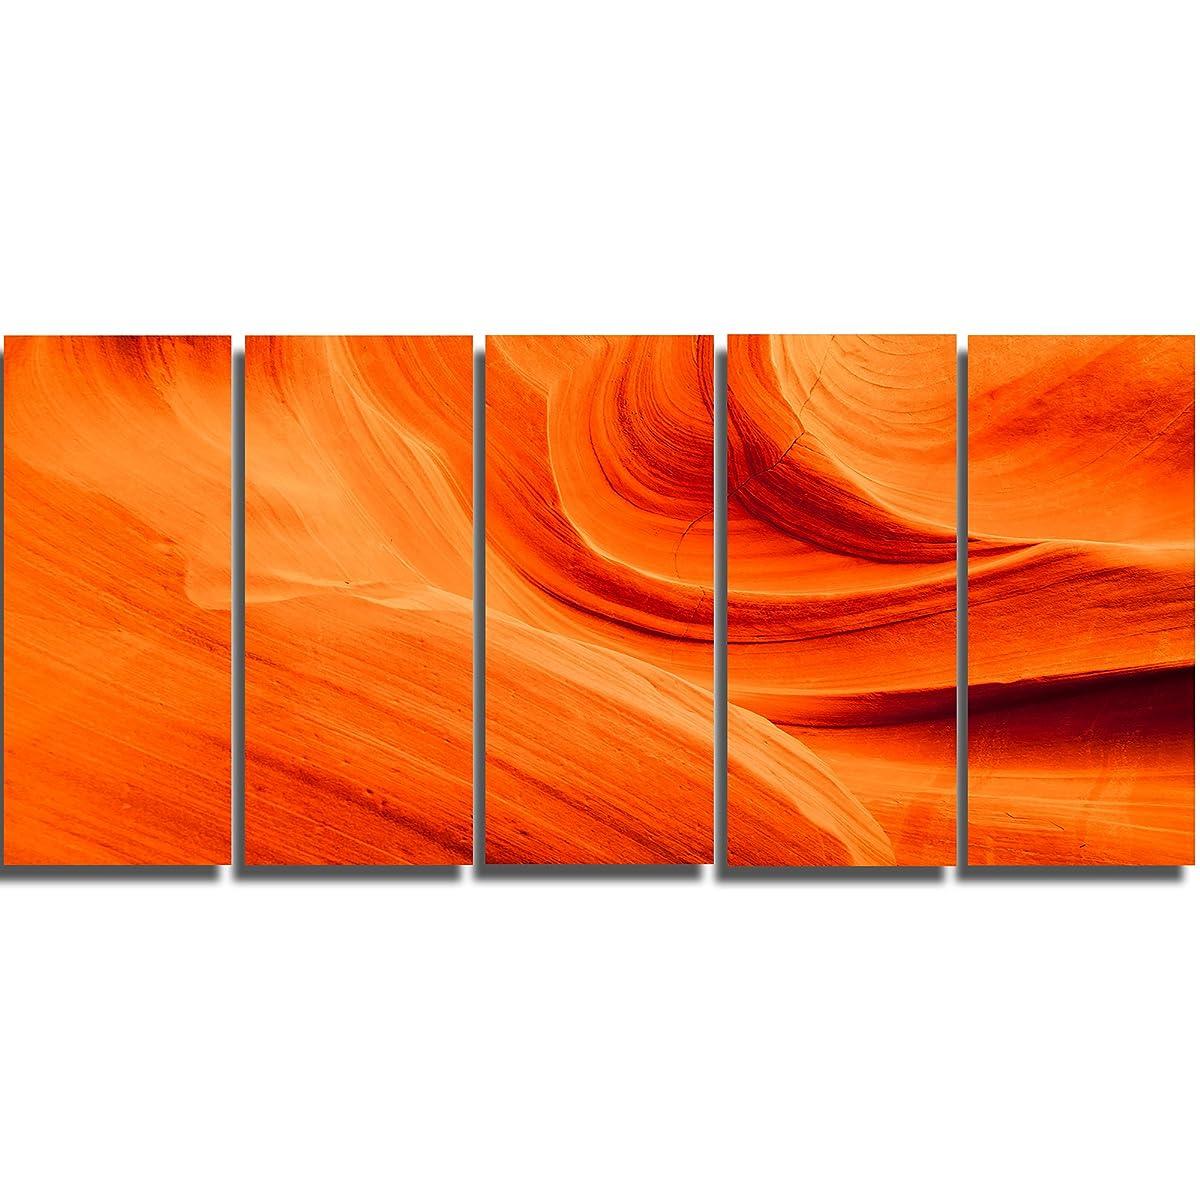 Designart Orange Upper Antelope Canyon Landscape Photo Canvas Print, Orange